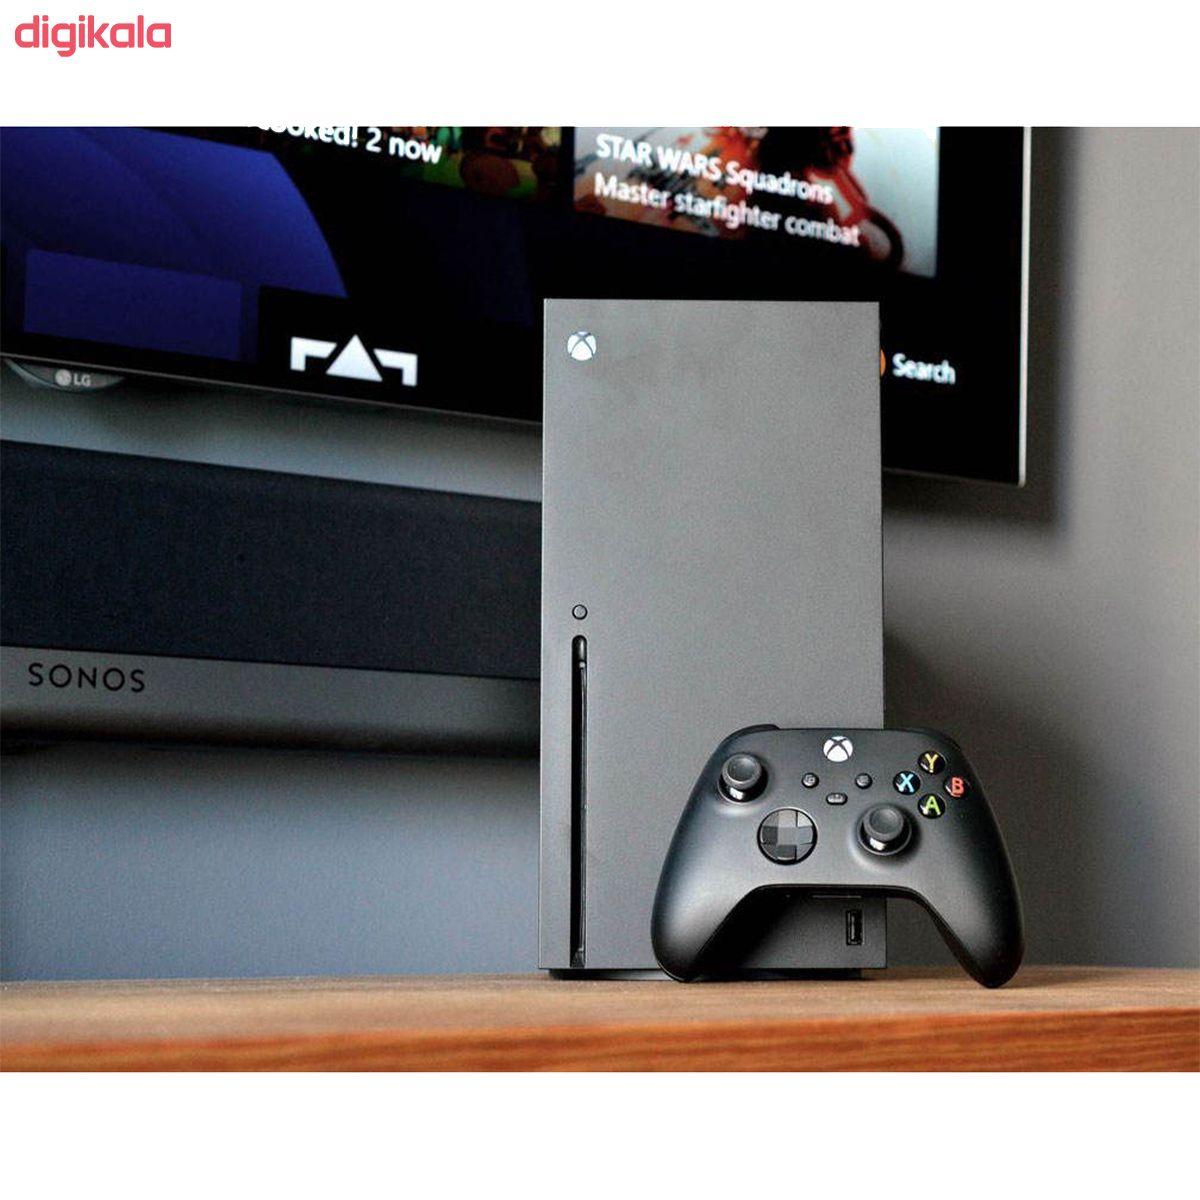 مجموعه کنسول بازی مایکروسافت مدل Xbox Series X ظرفیت 1 ترابایت main 1 13